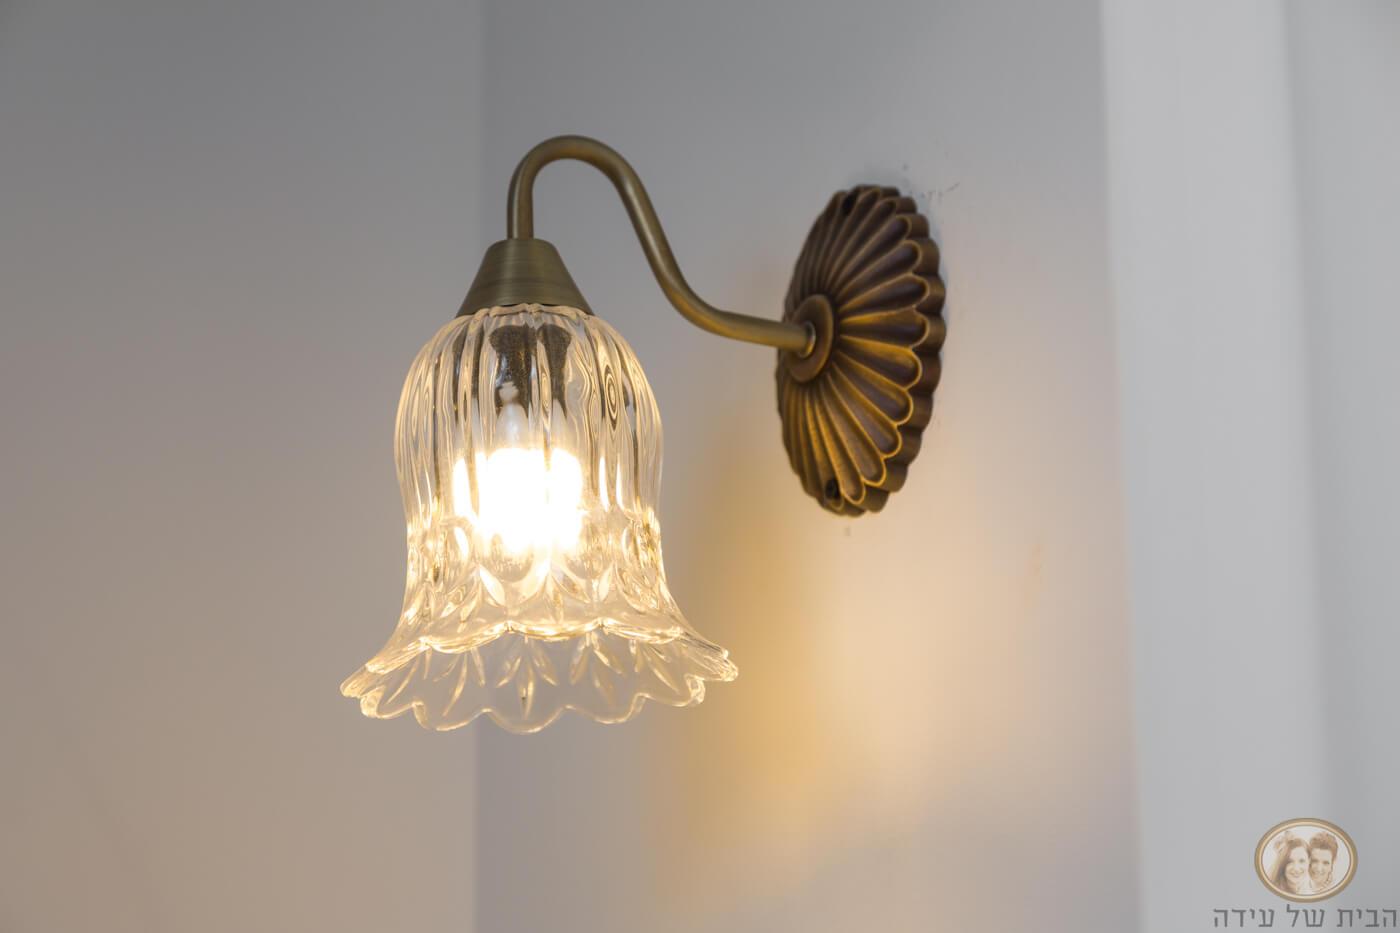 תאורה קירית לבית